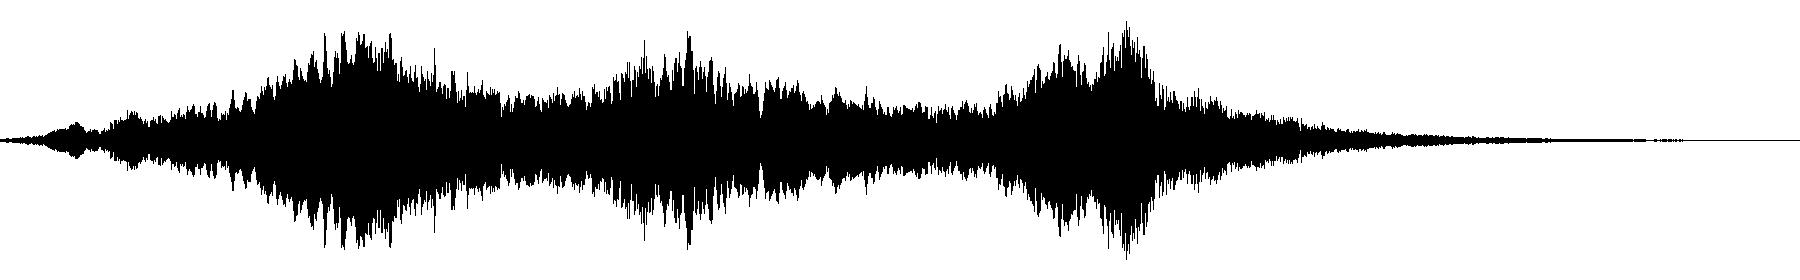 vfx1 atmos 57